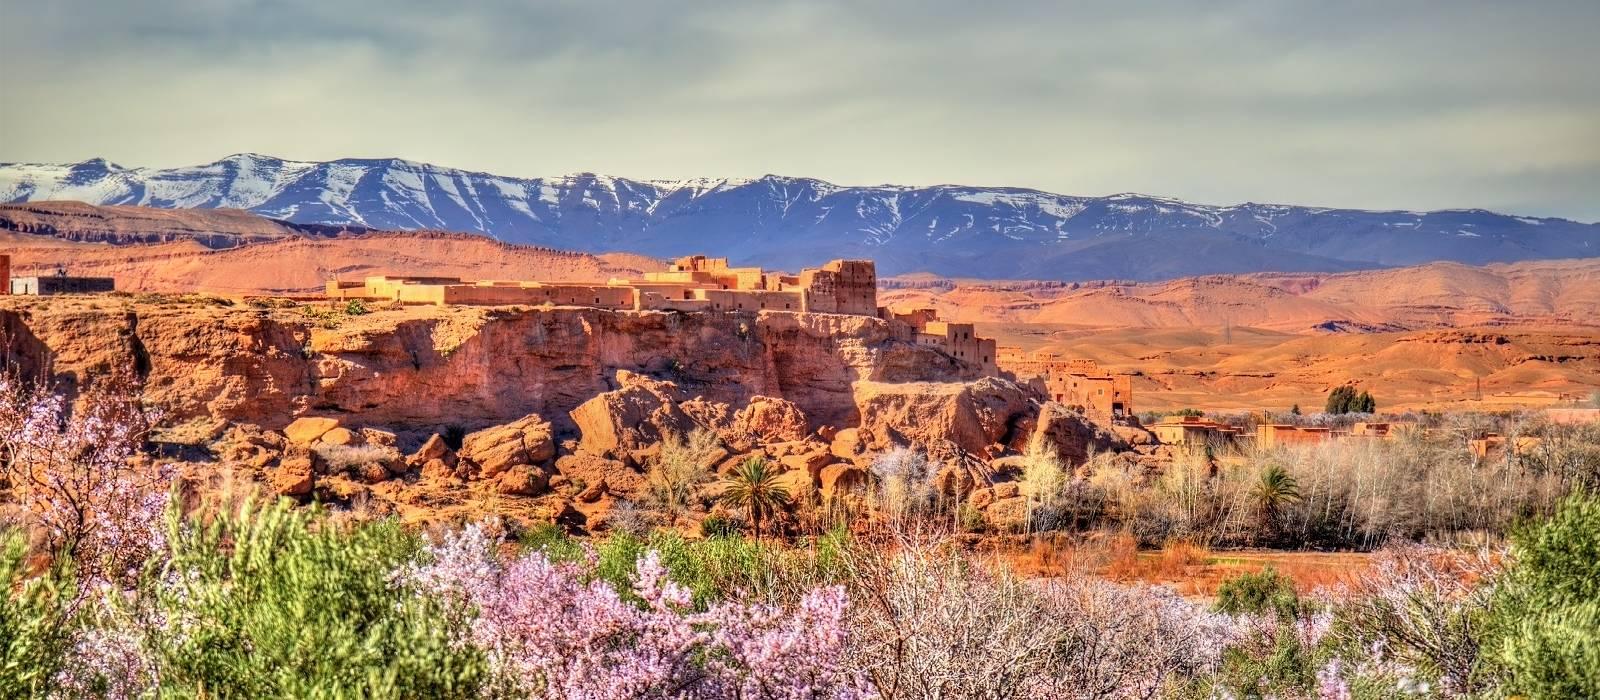 Marokko Luxusreise – Berglandschaften und Abenteuer in der Sahara Urlaub 1